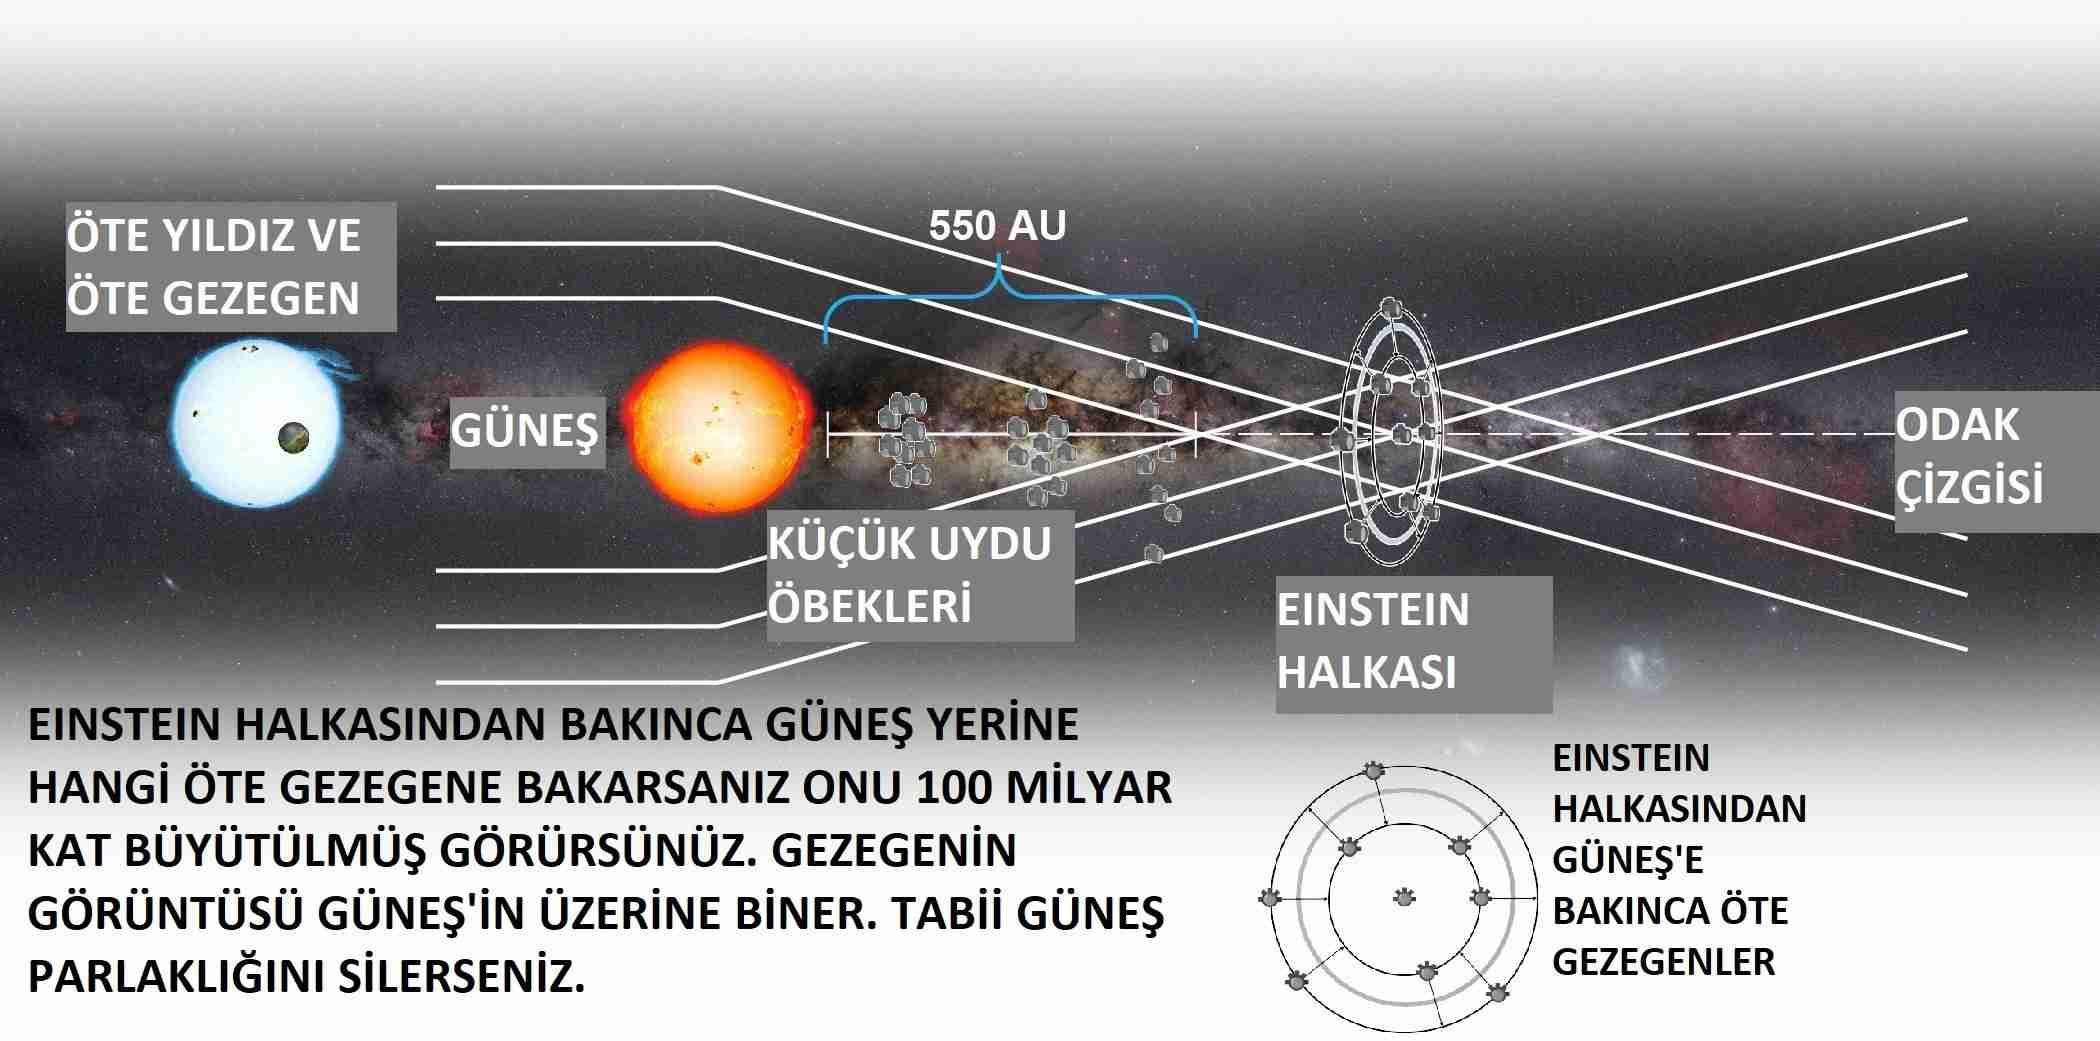 100-milyar-kat-zum-yapan-yerçekimi-teleskopu